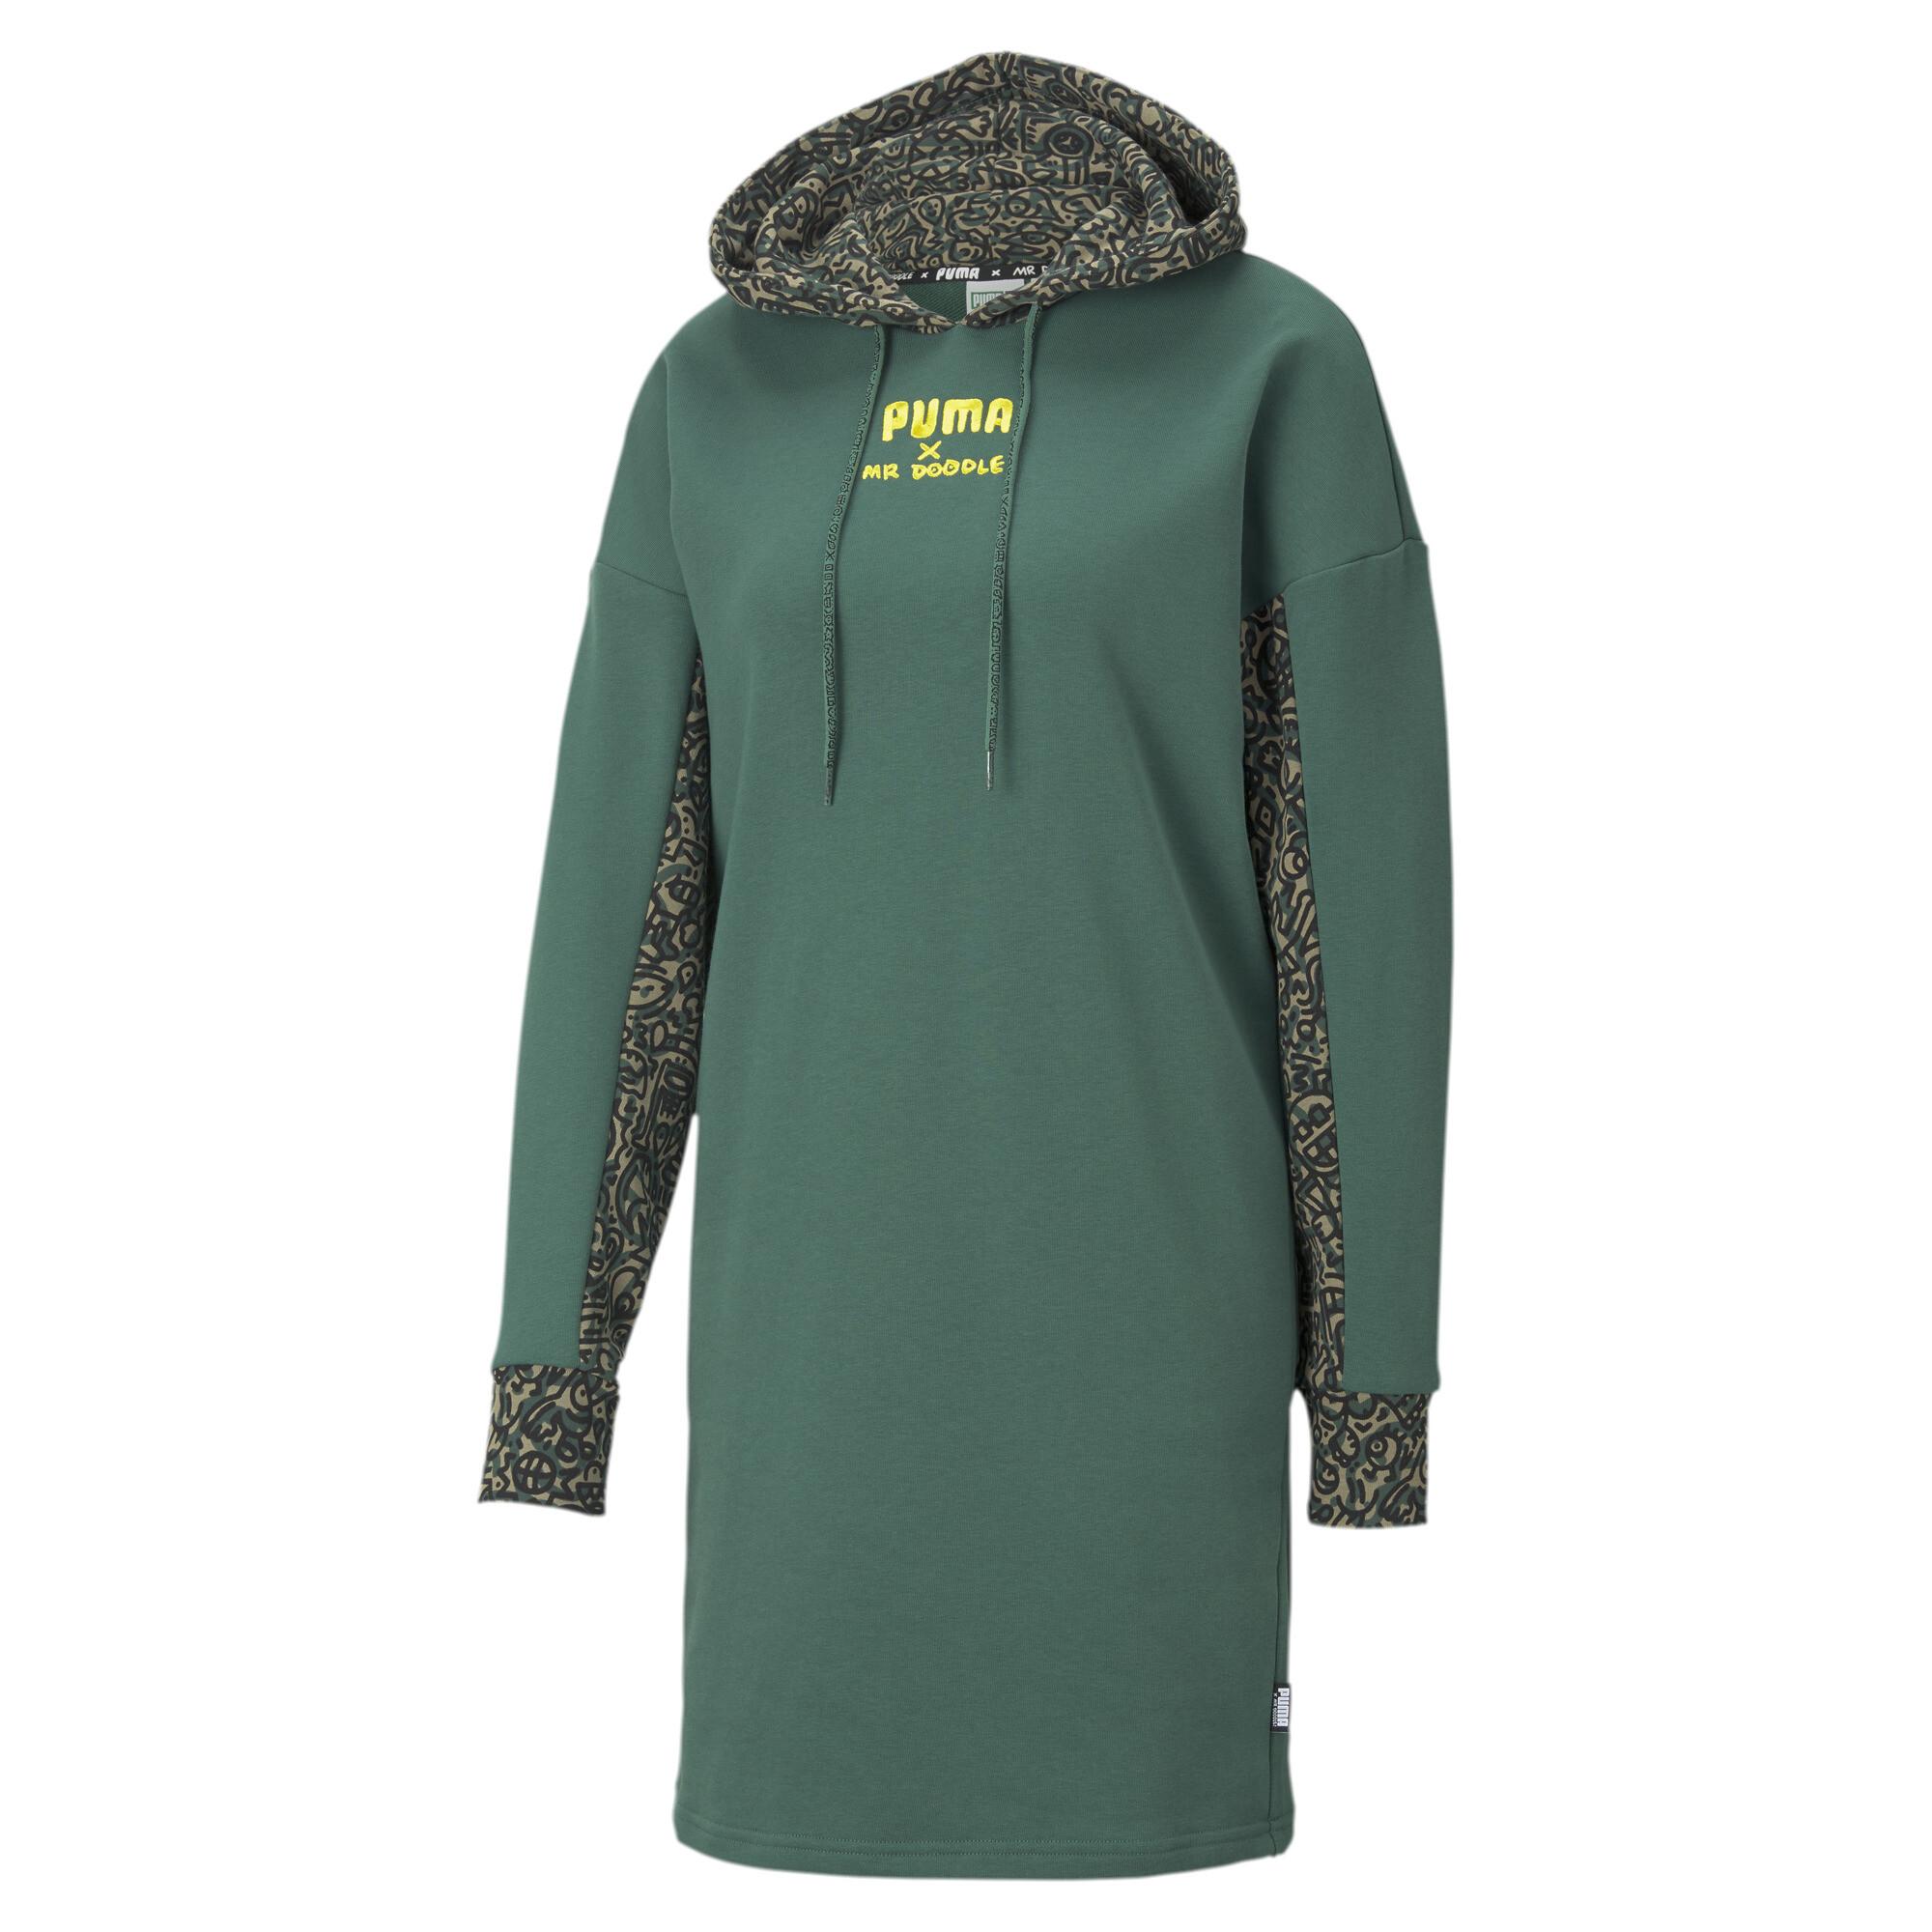 【プーマ公式通販】 プーマ PUMA x MR DOODLE ウィメンズ フーデッド ドレス ウィメンズ Covert Green  PUMA.com